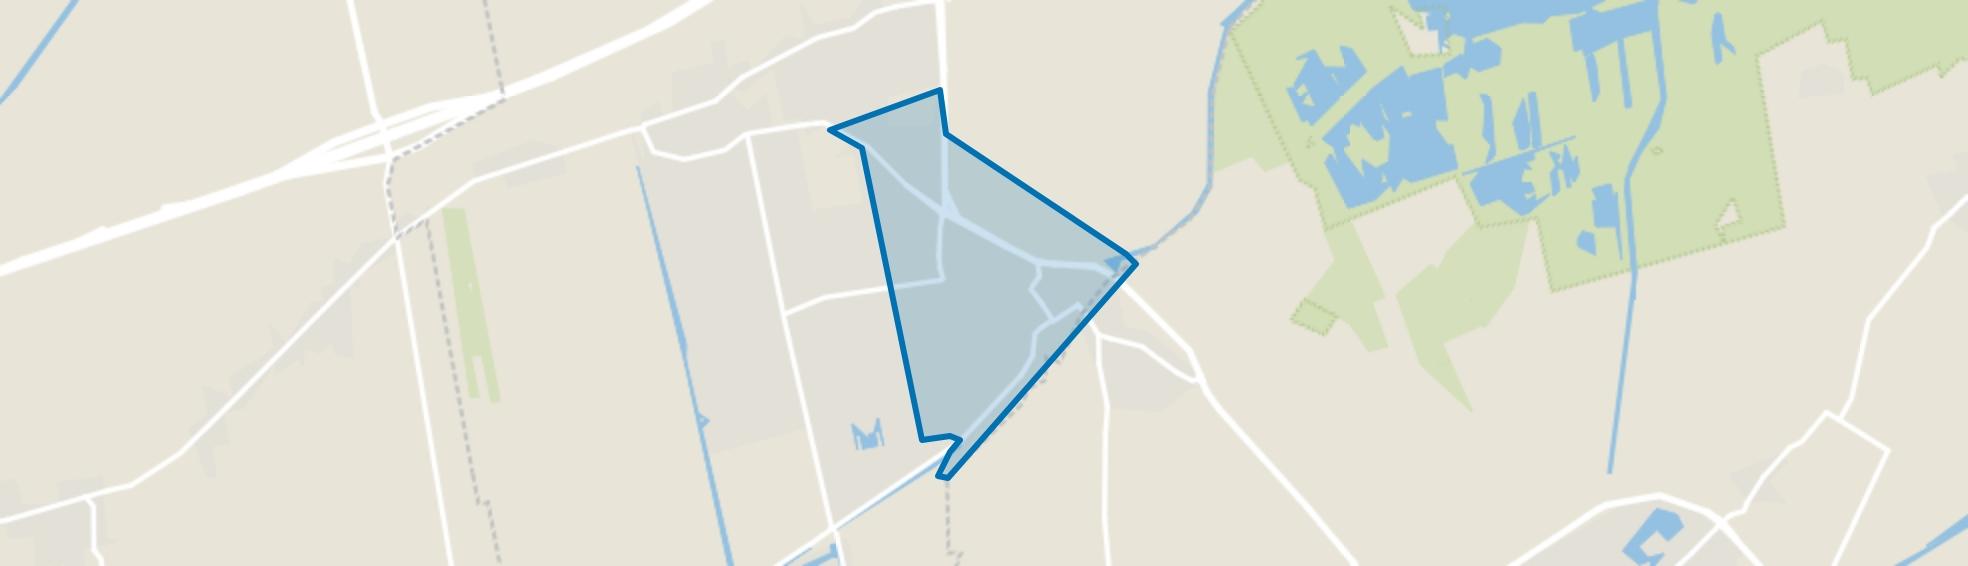 Centrum Leek en omgeving, Leek map